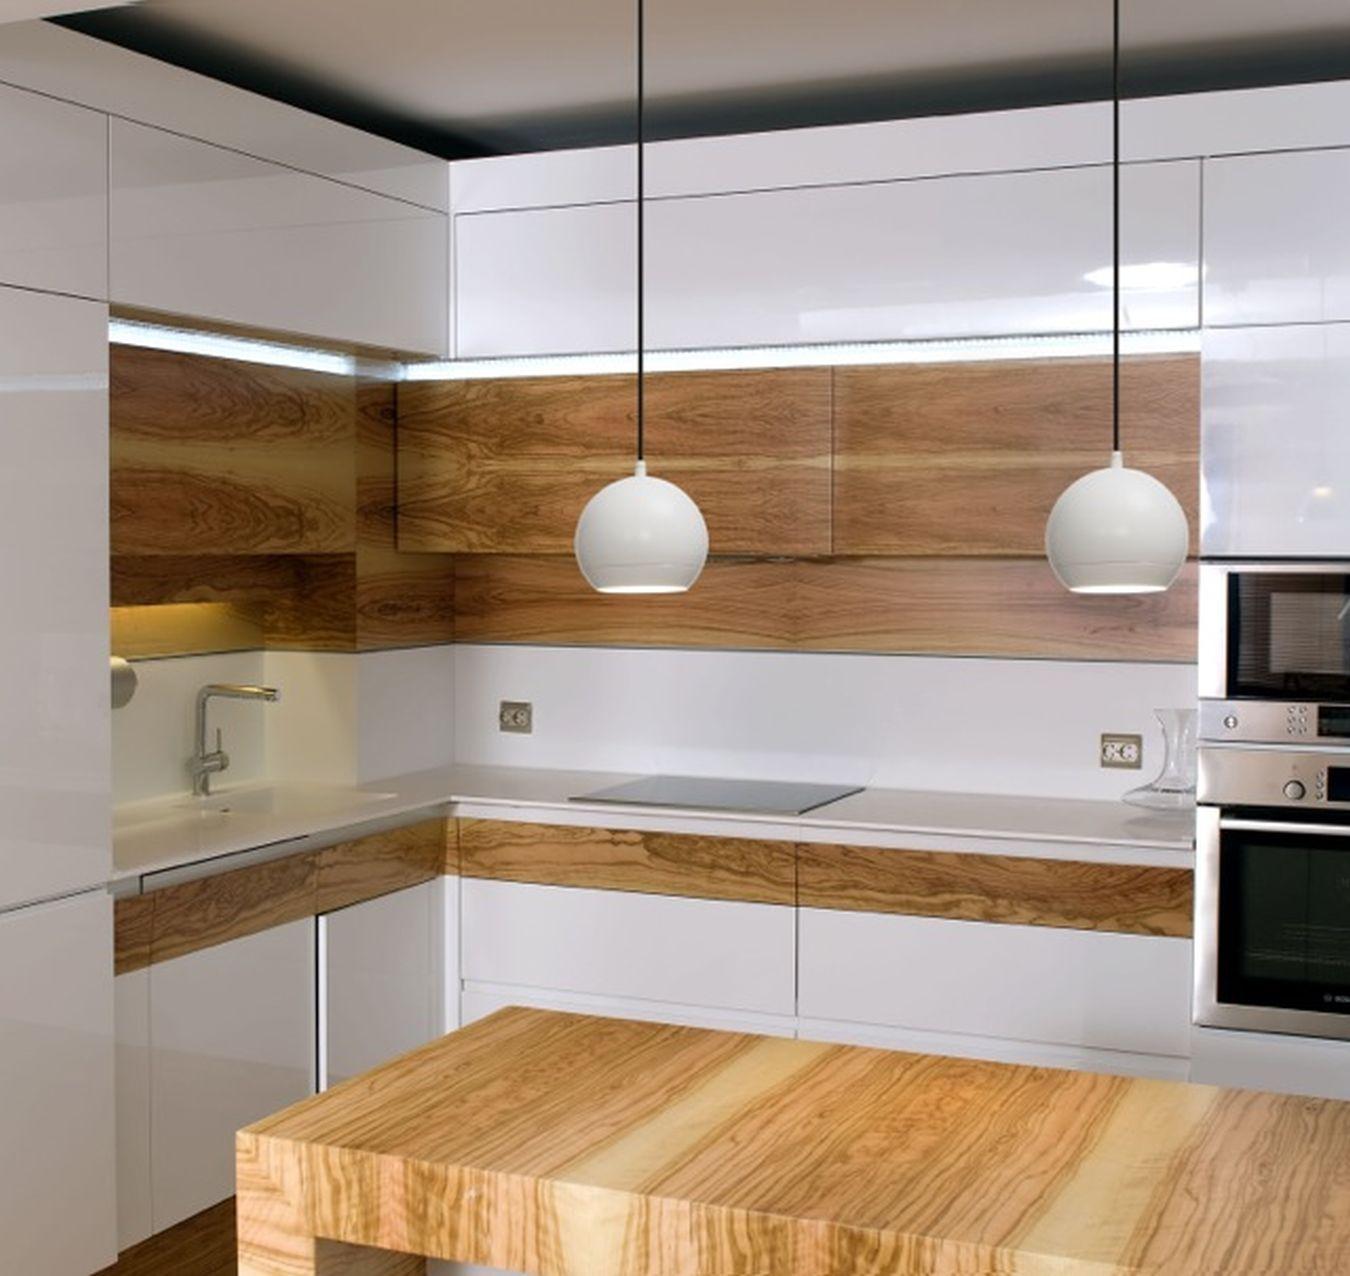 63223 ball 2 lampara techo cocina habitacion blanca decorativa - Lamparas de techo cocina ...